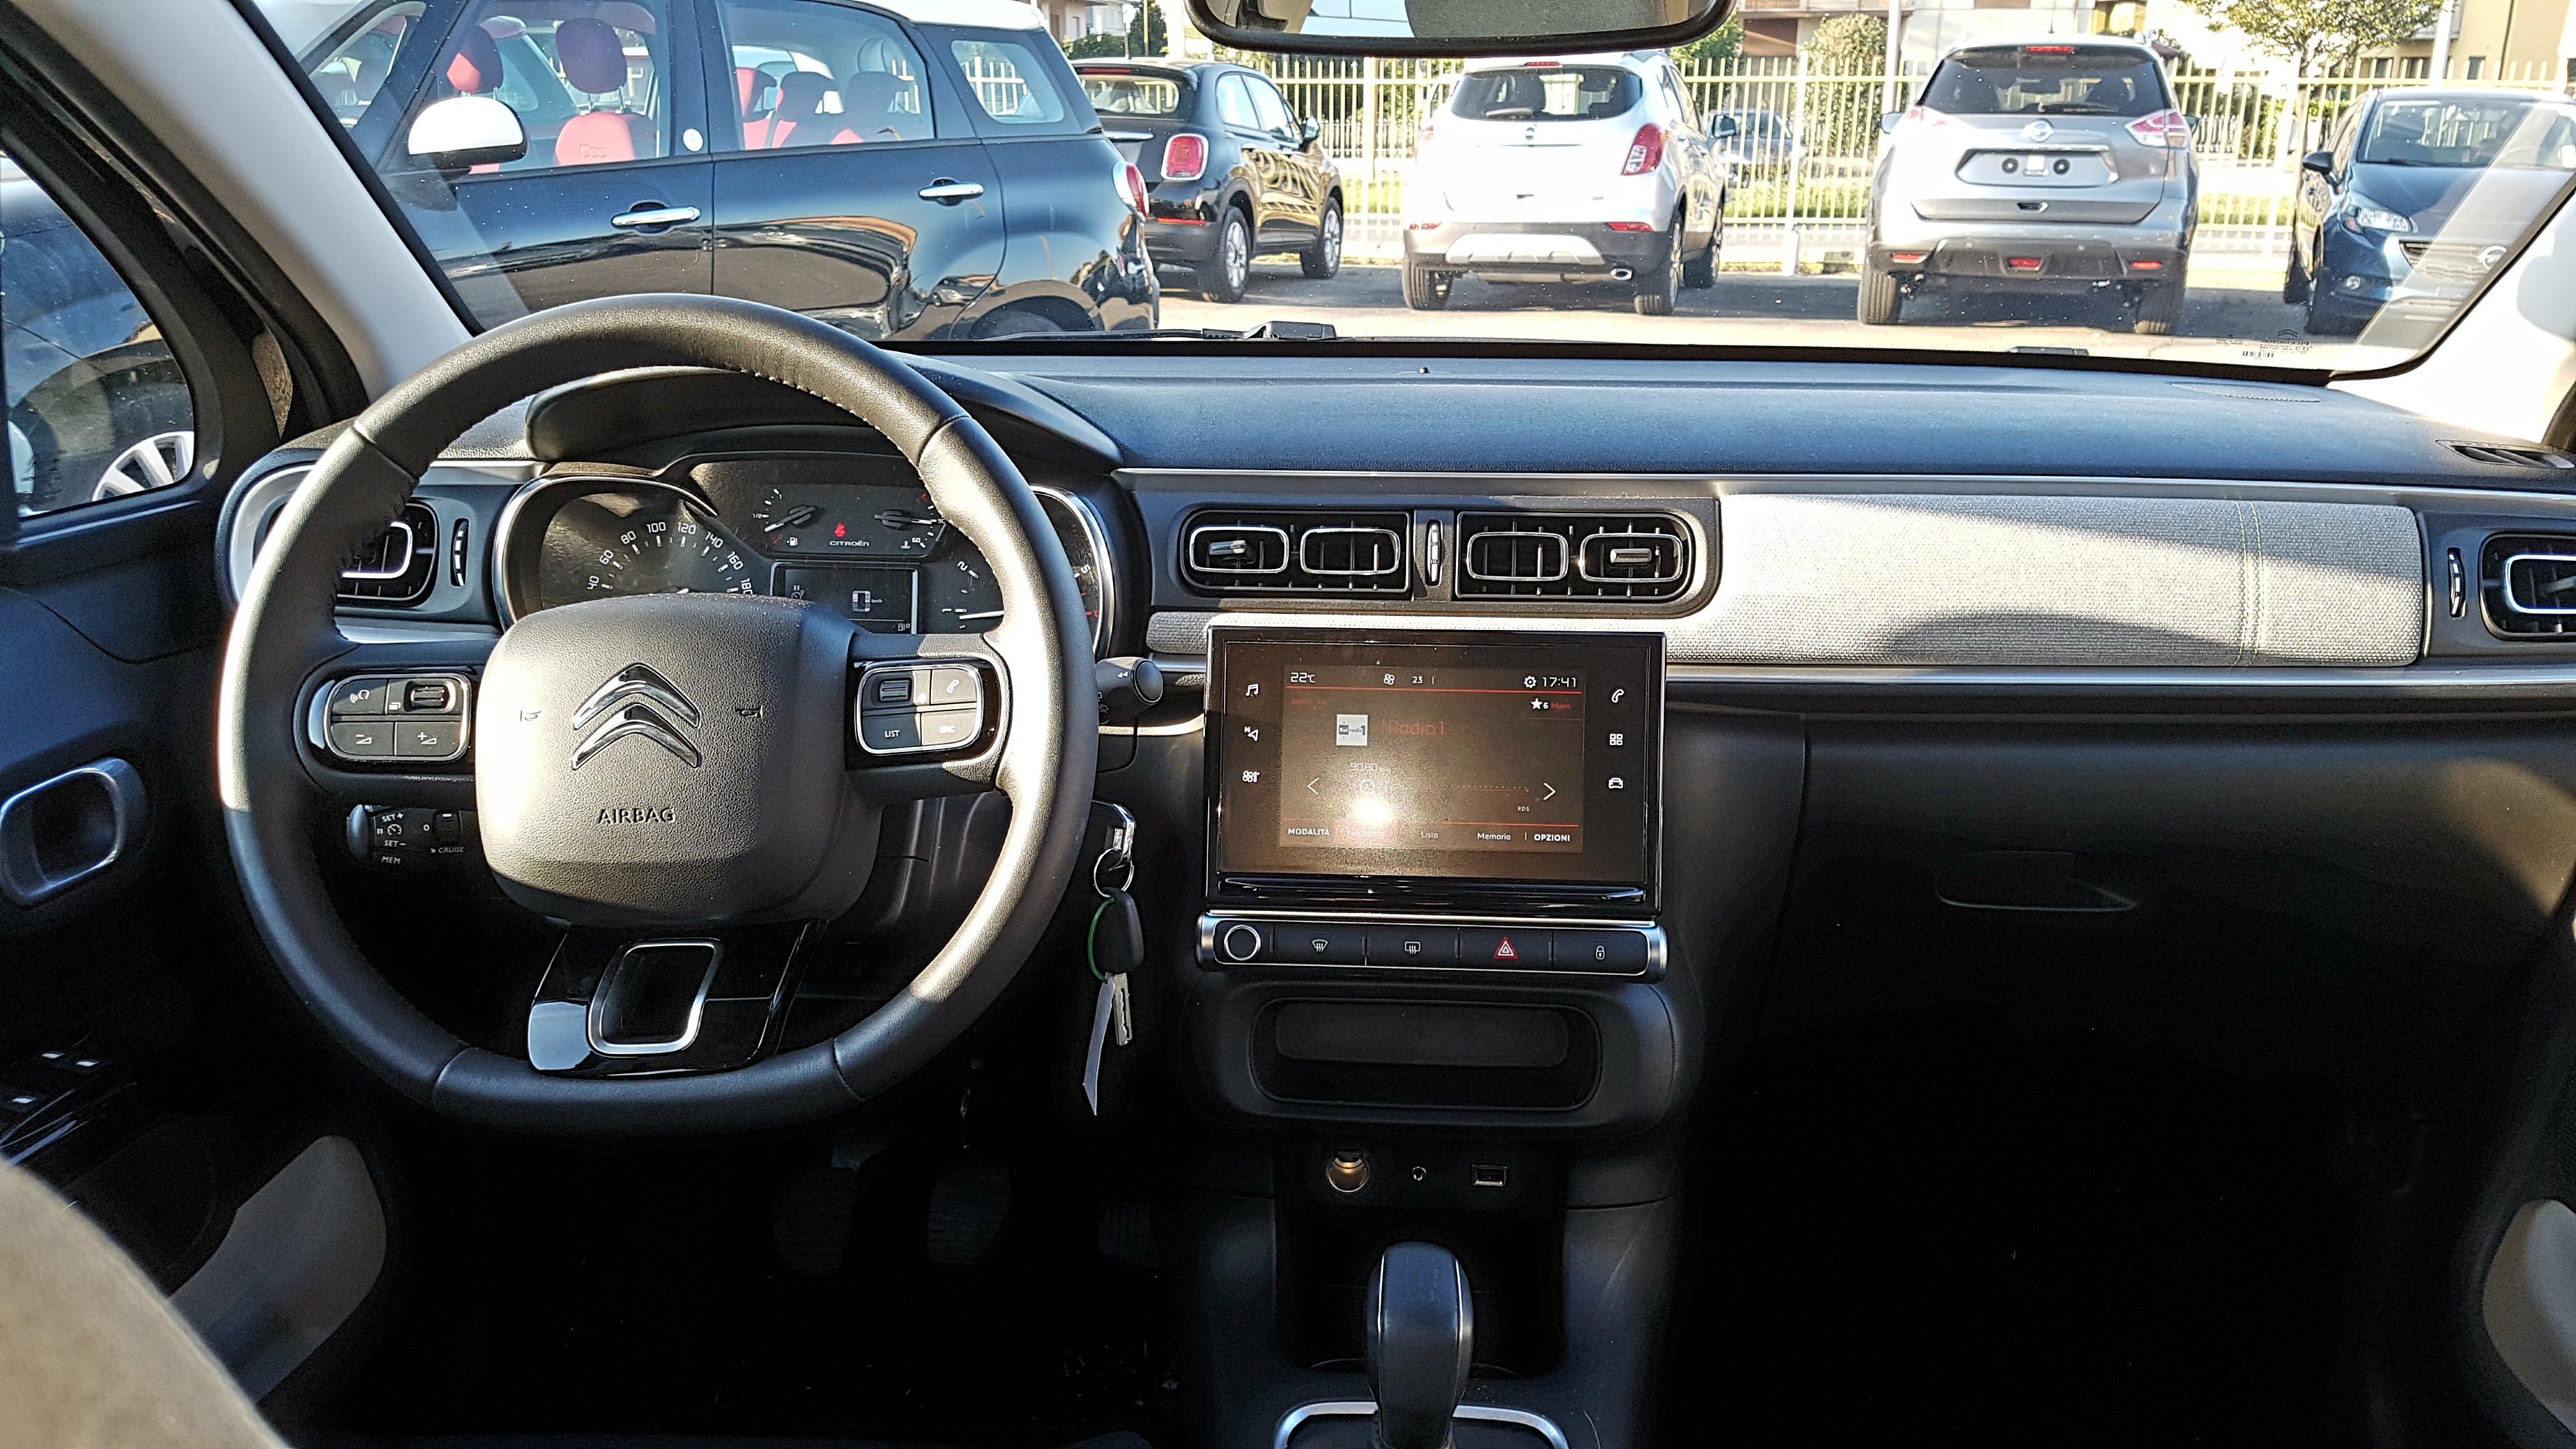 Nuova citroen c3 1 2 pure tech 82cv shine autodanesi vendita auto nuove e usate longiano - Modulo chiusura automatica specchi retrovisori ...